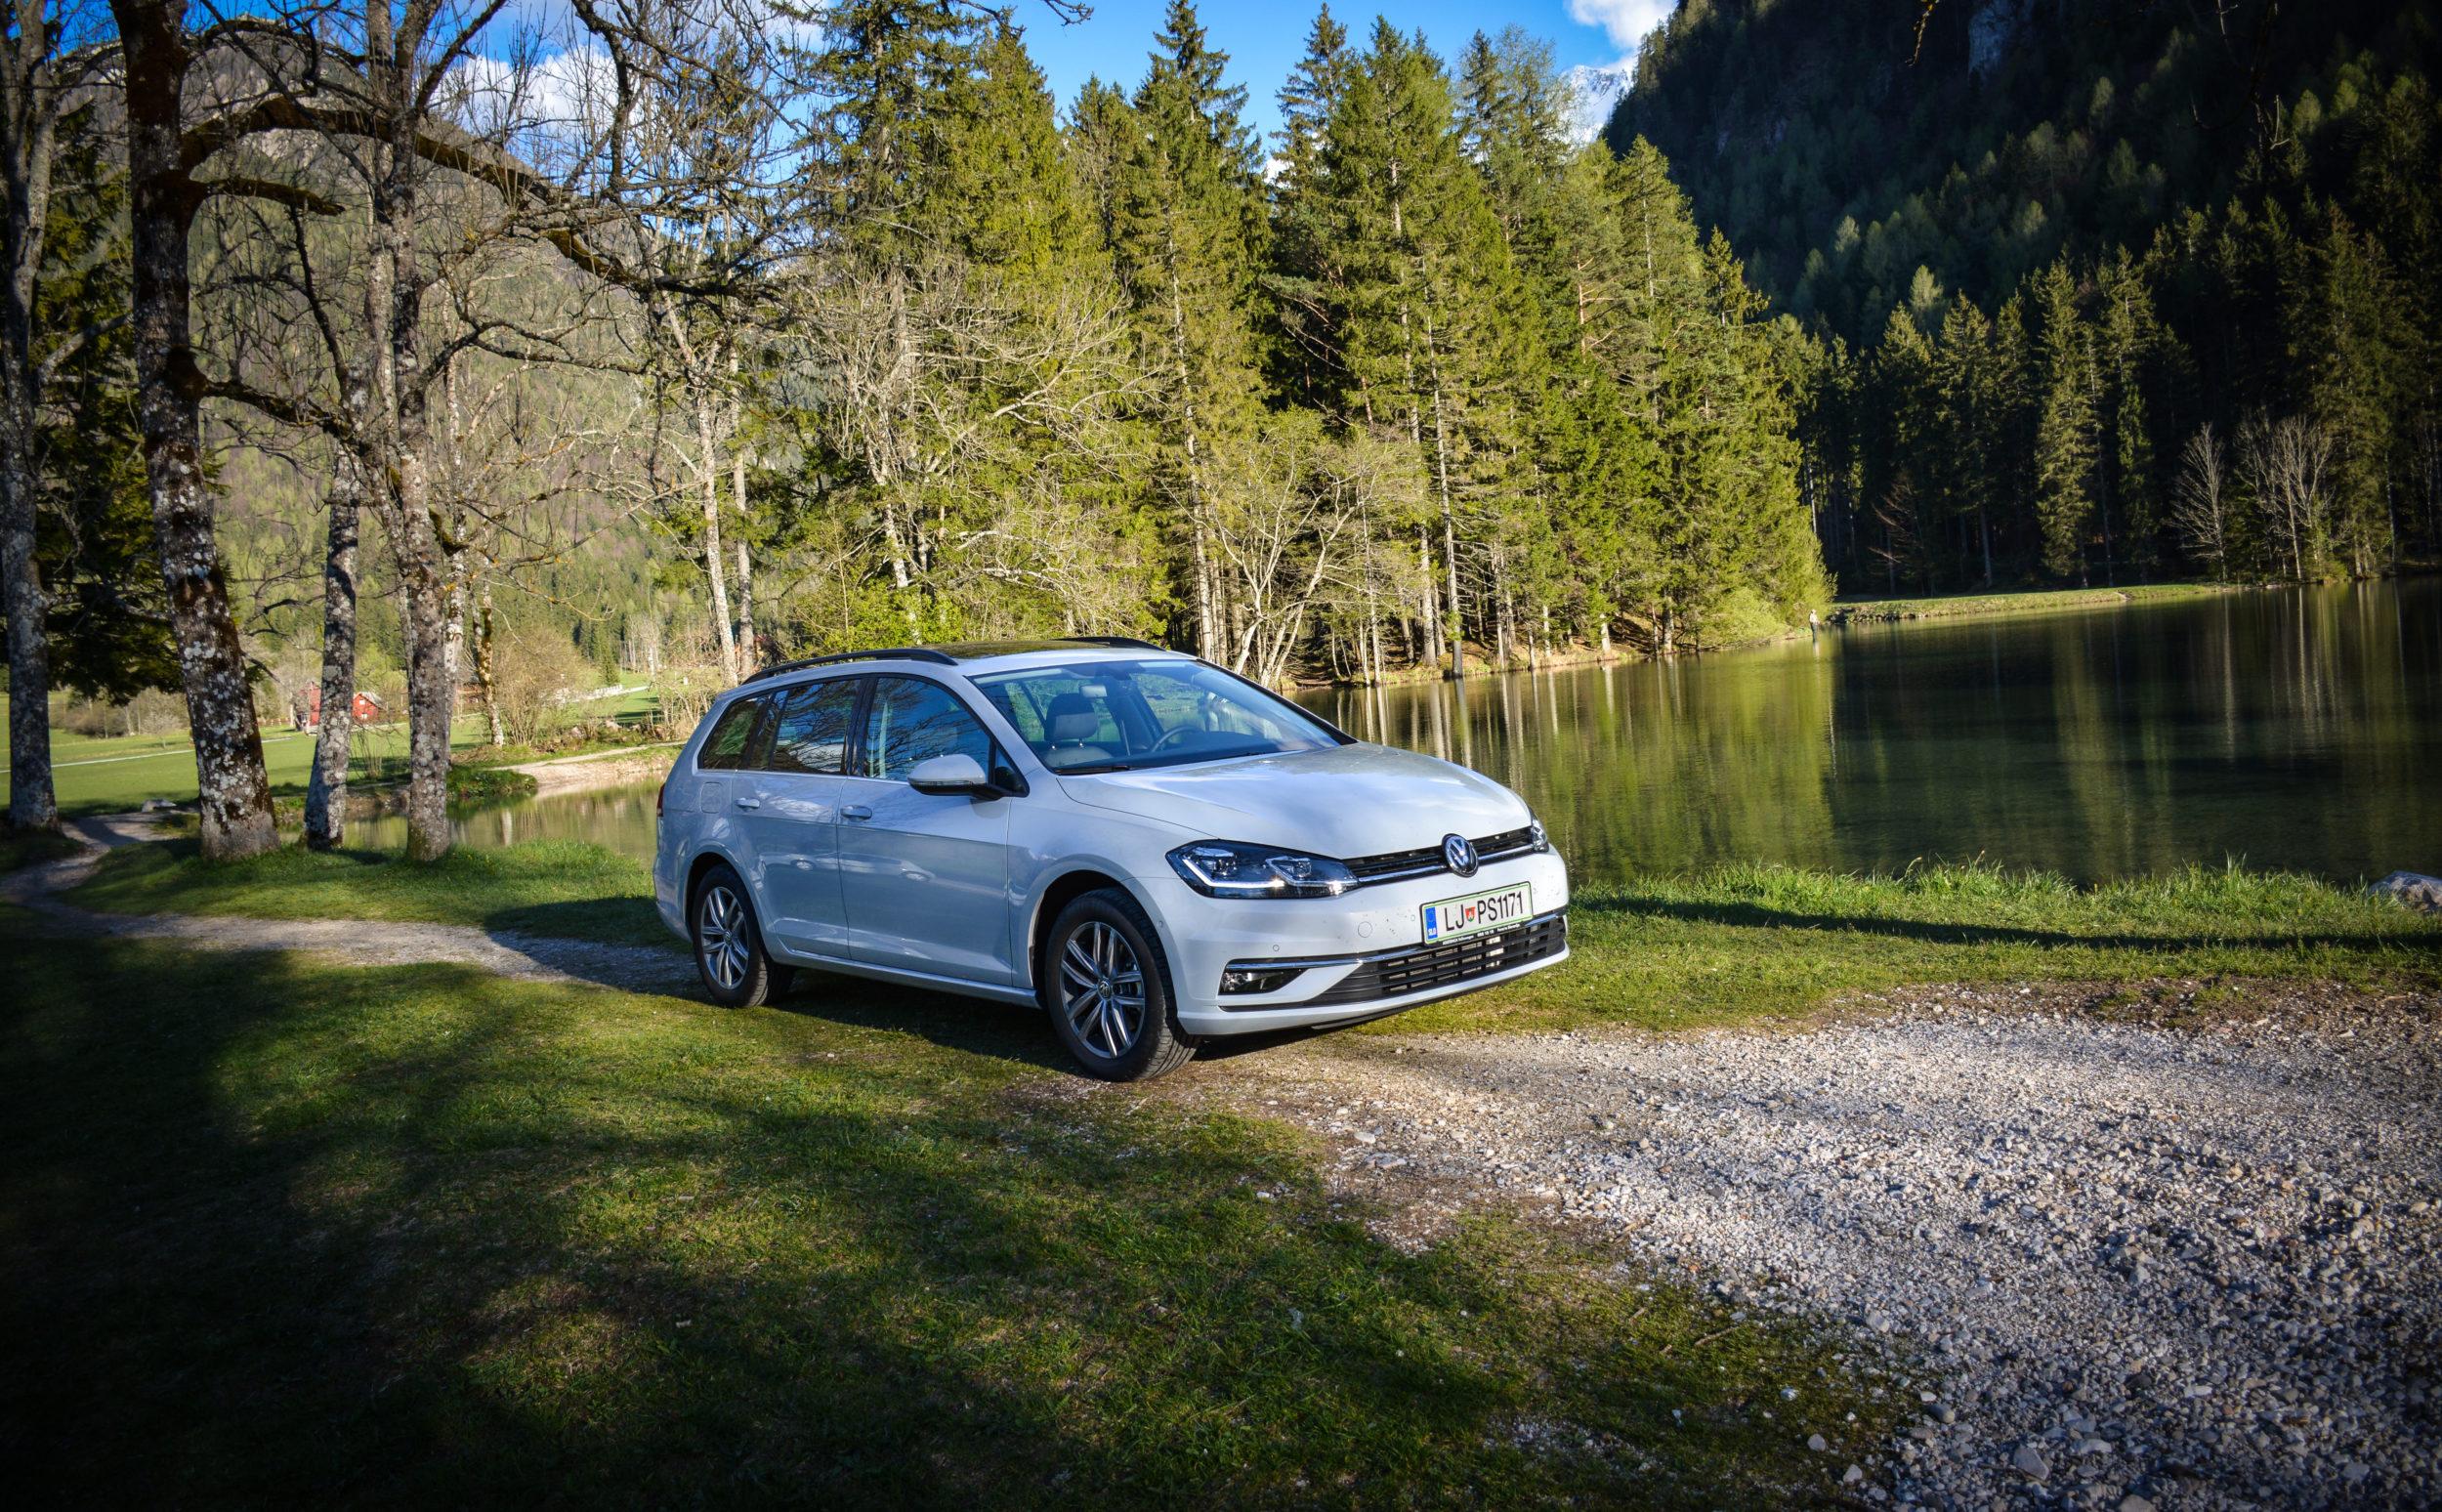 Test: Volkswagen Golf Variant Highline 2.0 TDI (manj privlačnosti a več praktičnosti)